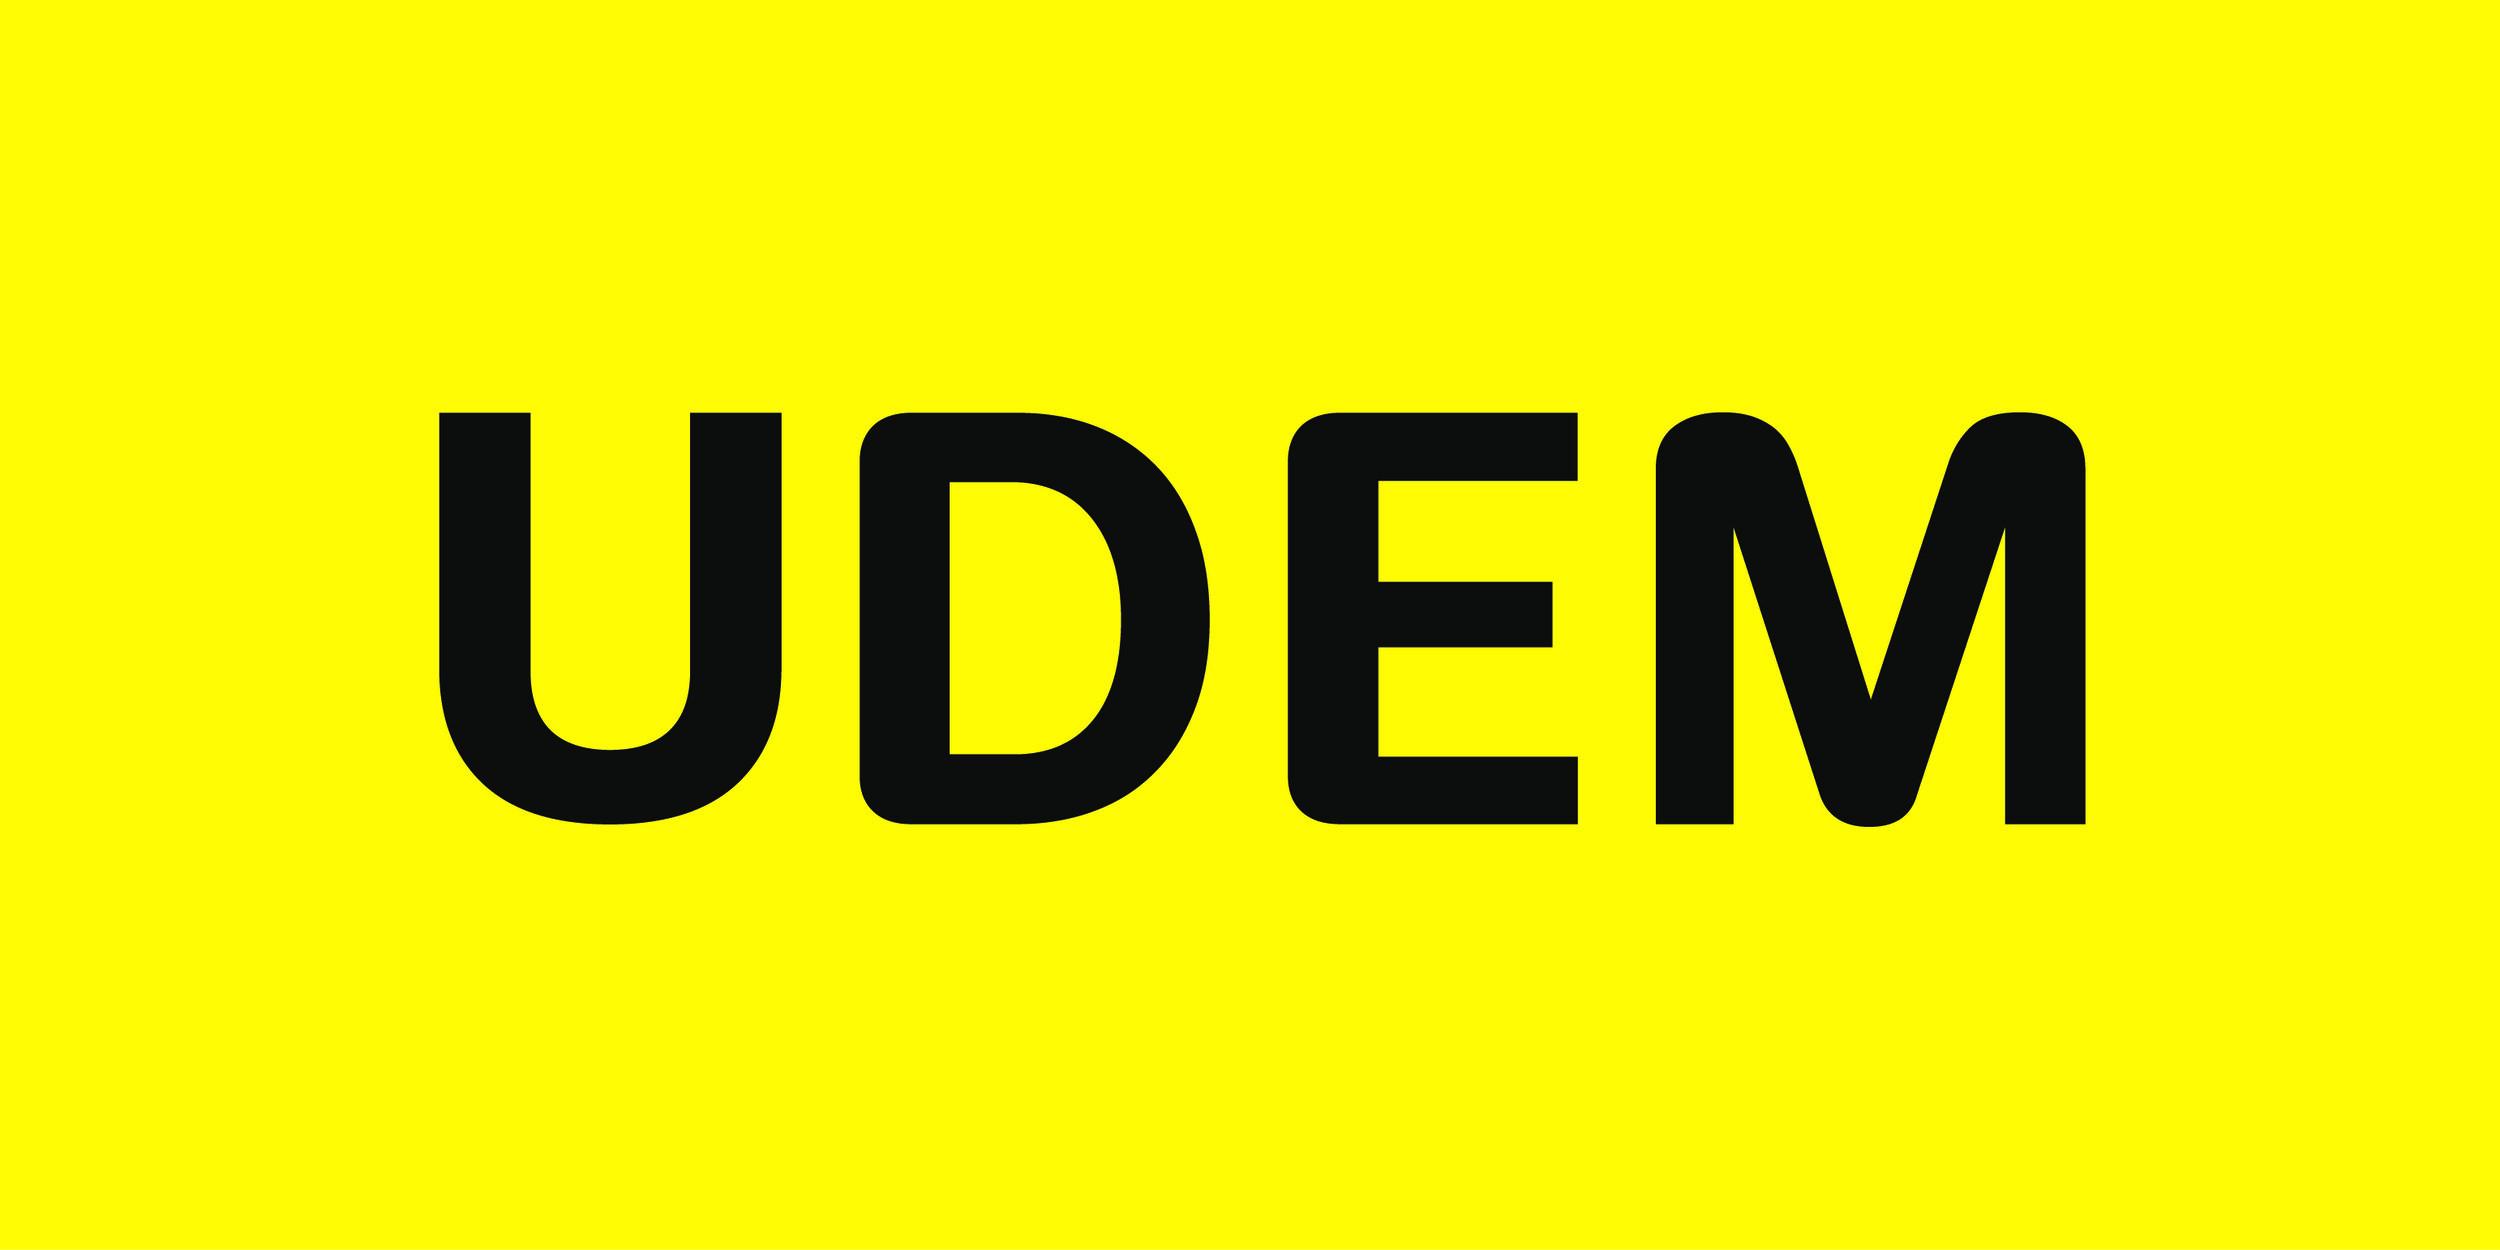 Pleca-UDEM-A-CMYK.jpg